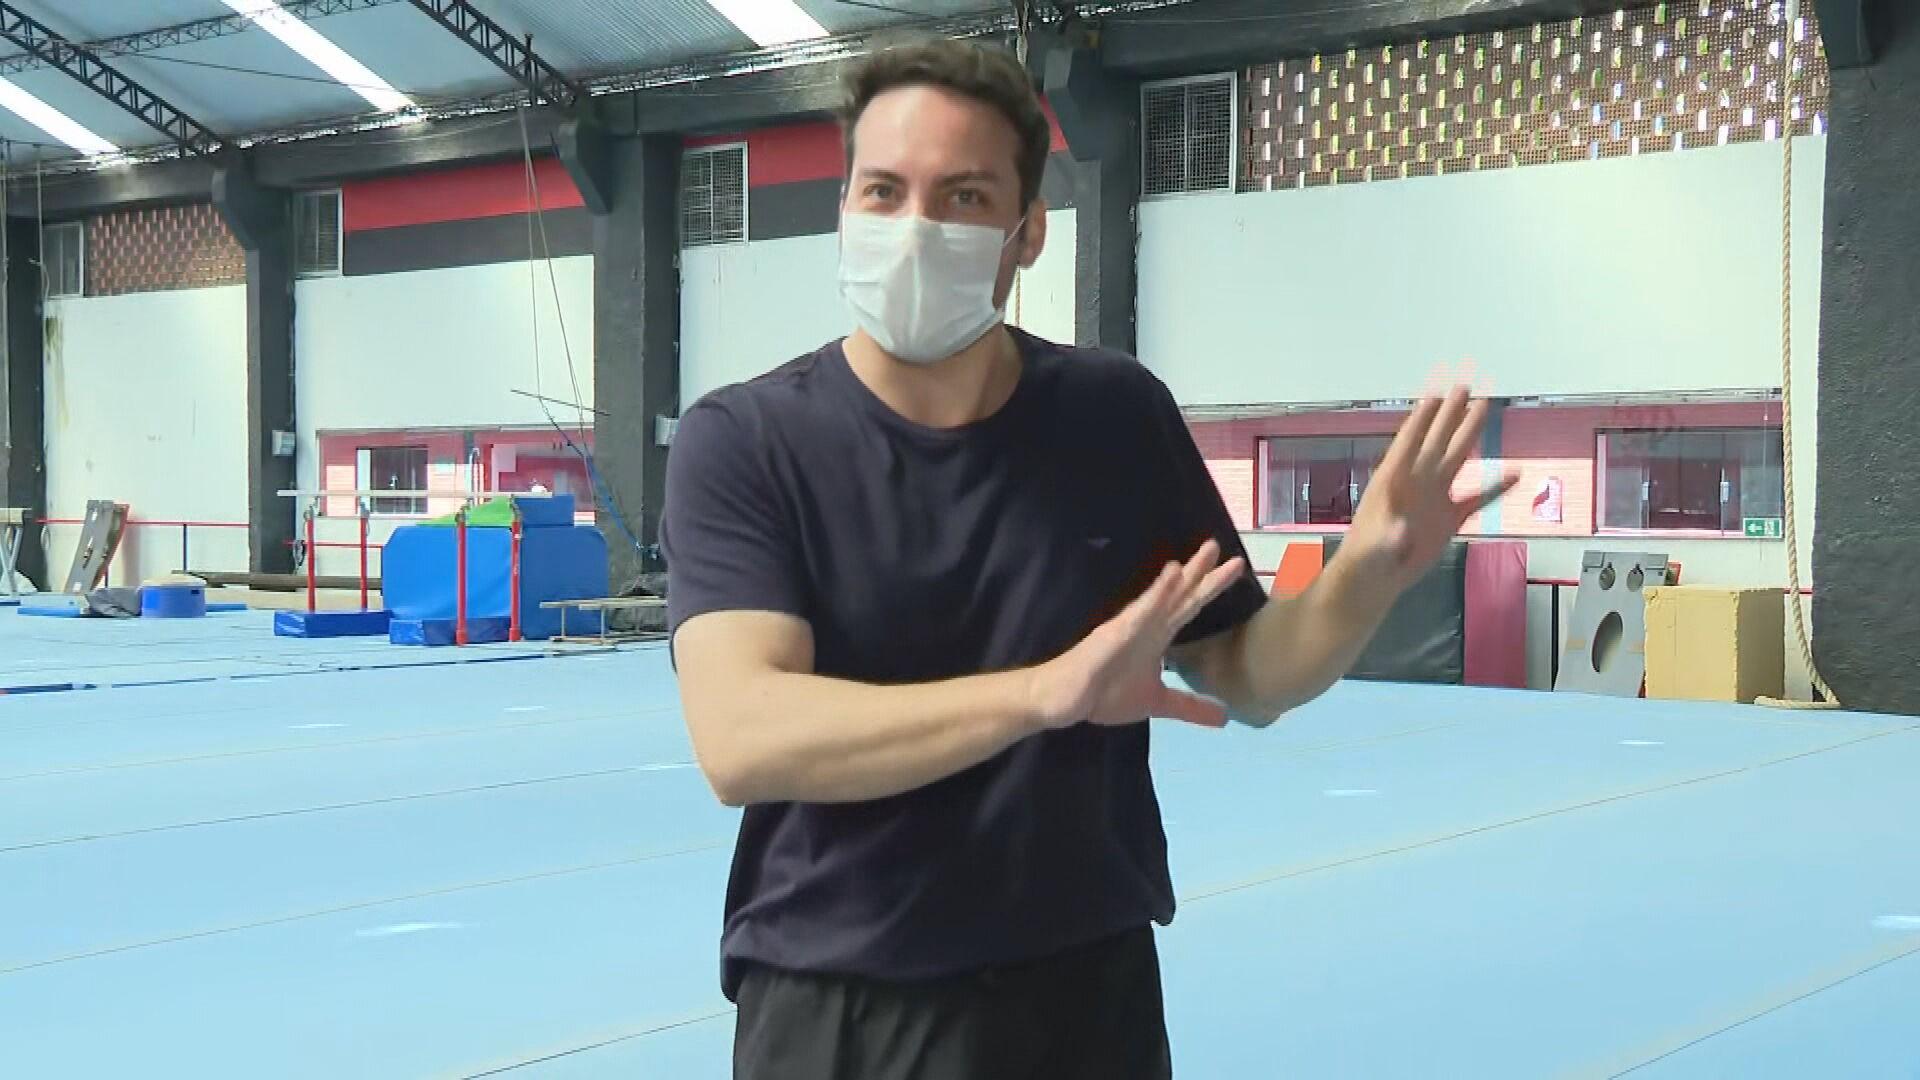 VÍDEO: no embalo de Rebeca, repórter dá salto mortal após entrevistar colegas da ginasta no Flamengo